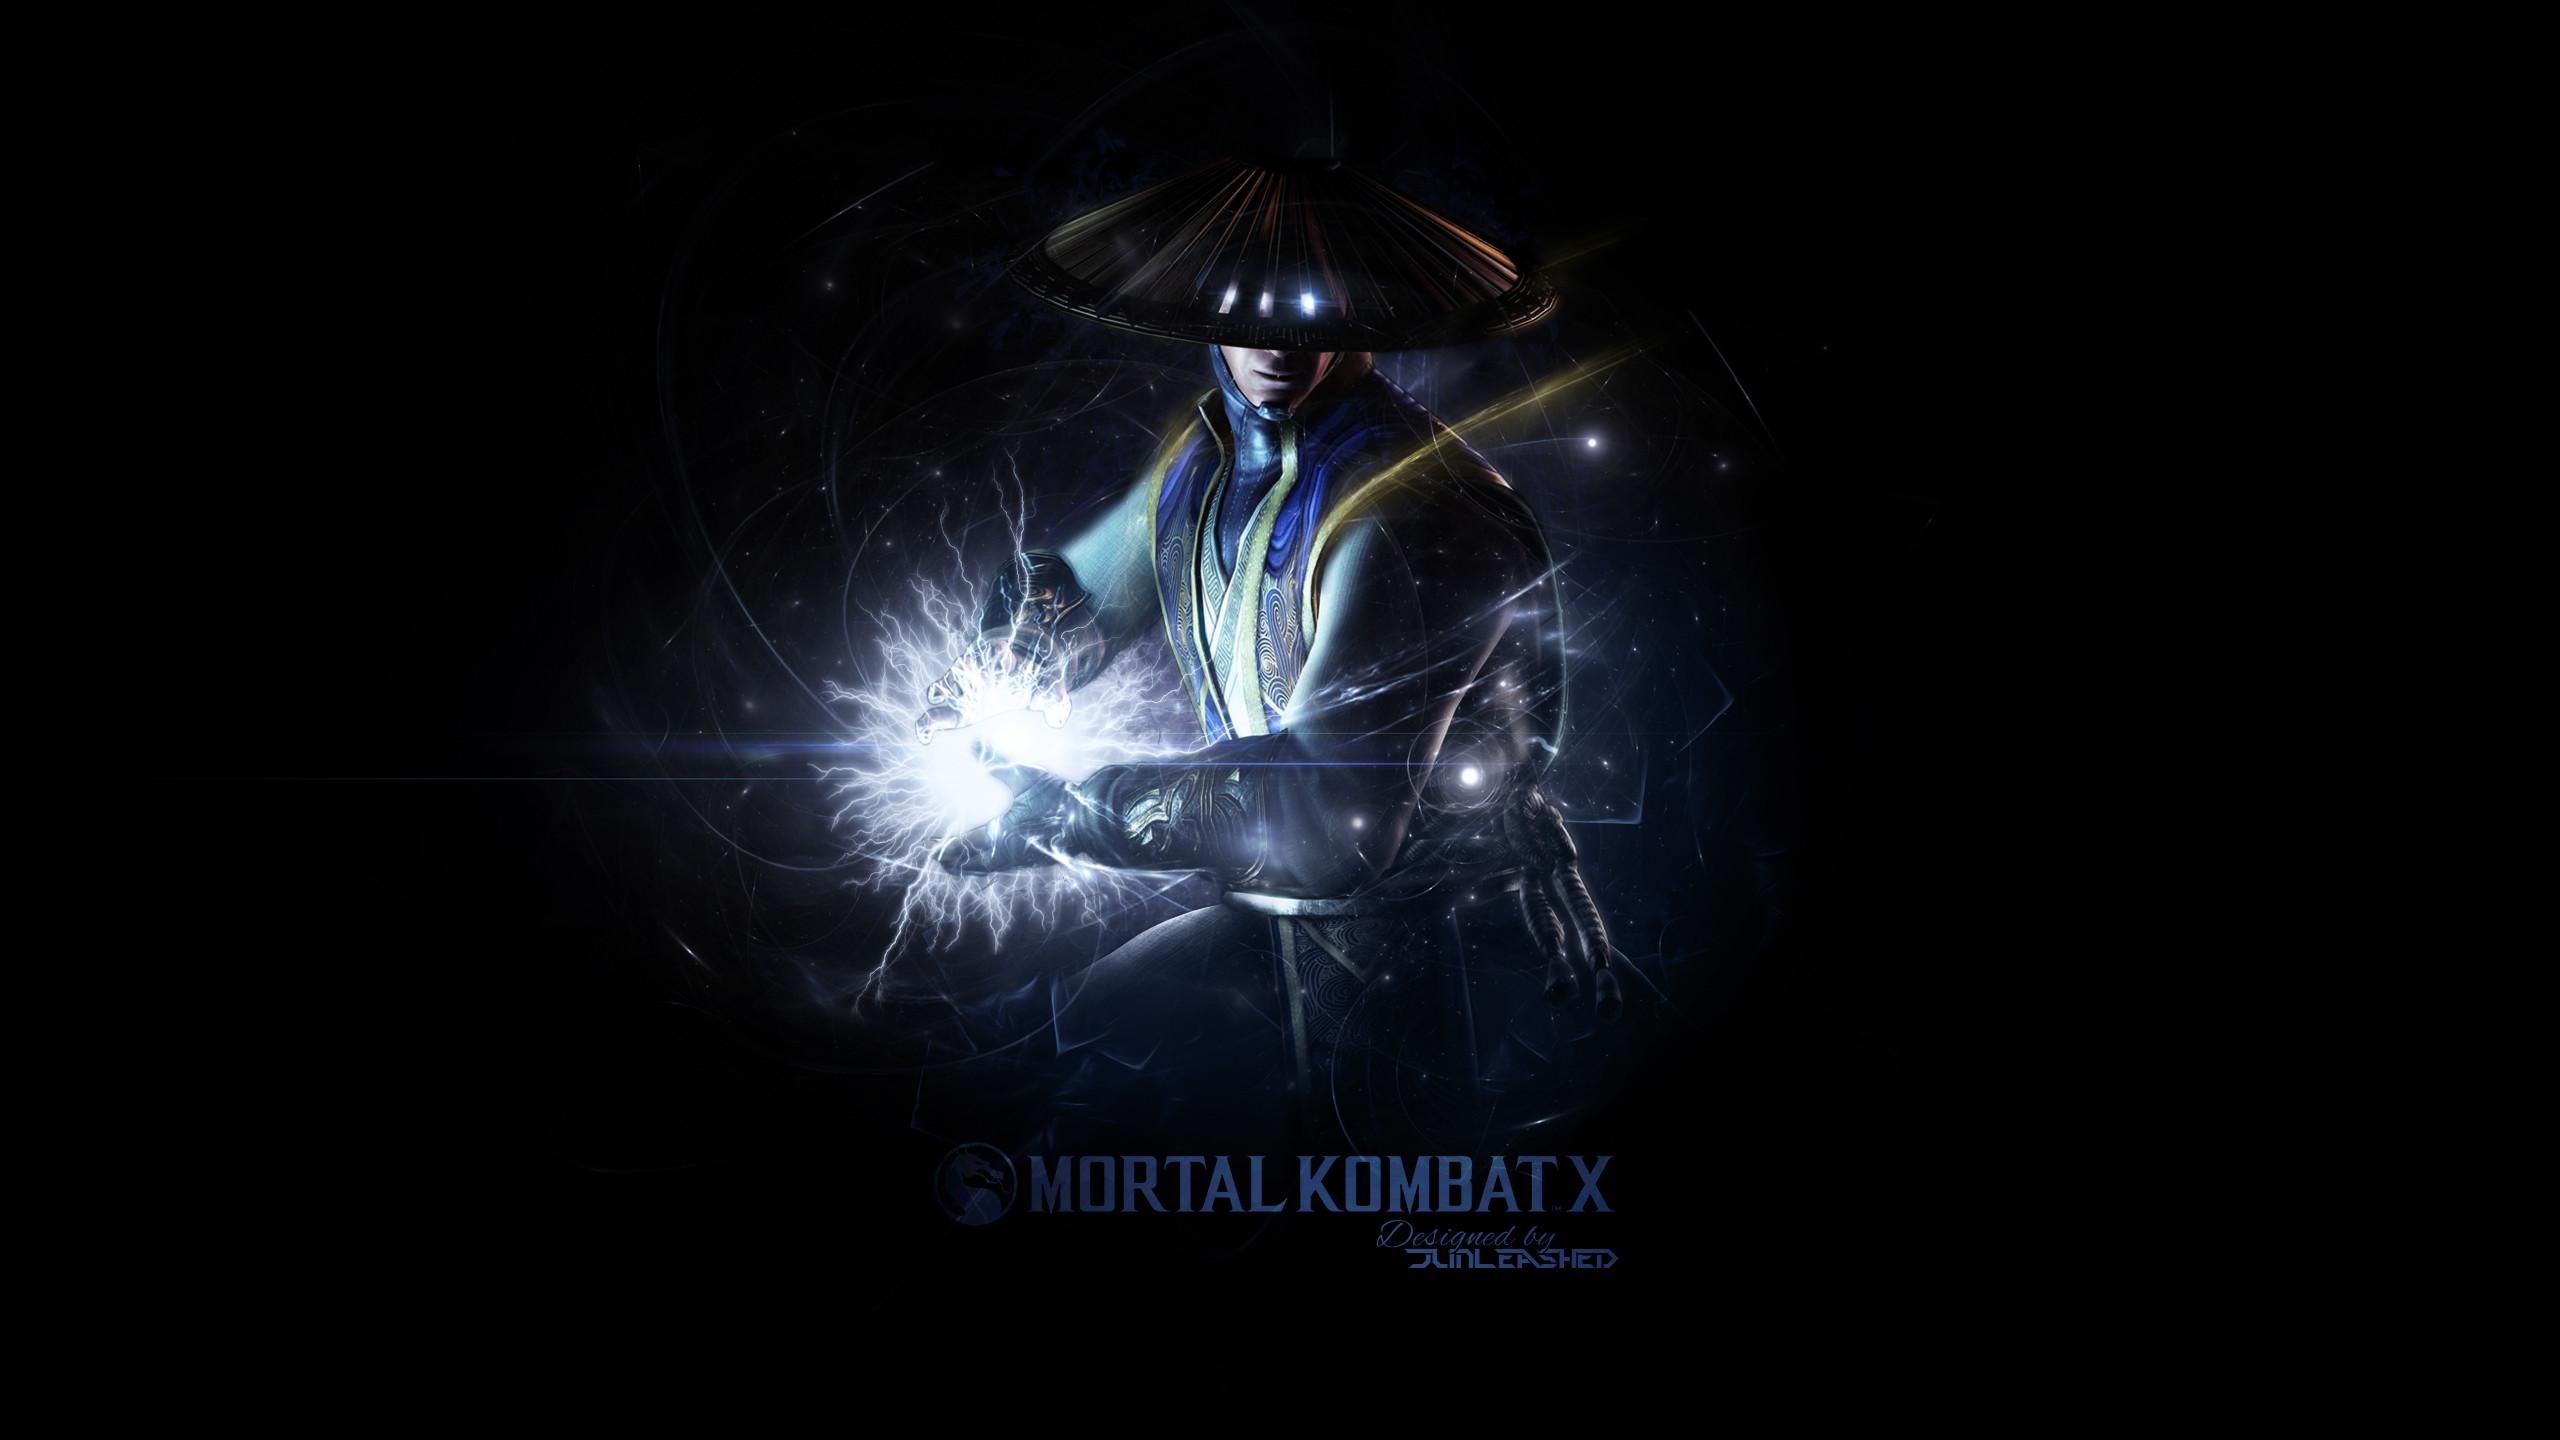 Mortal Kombat X Raiden Wallpaper ·① - photo#38